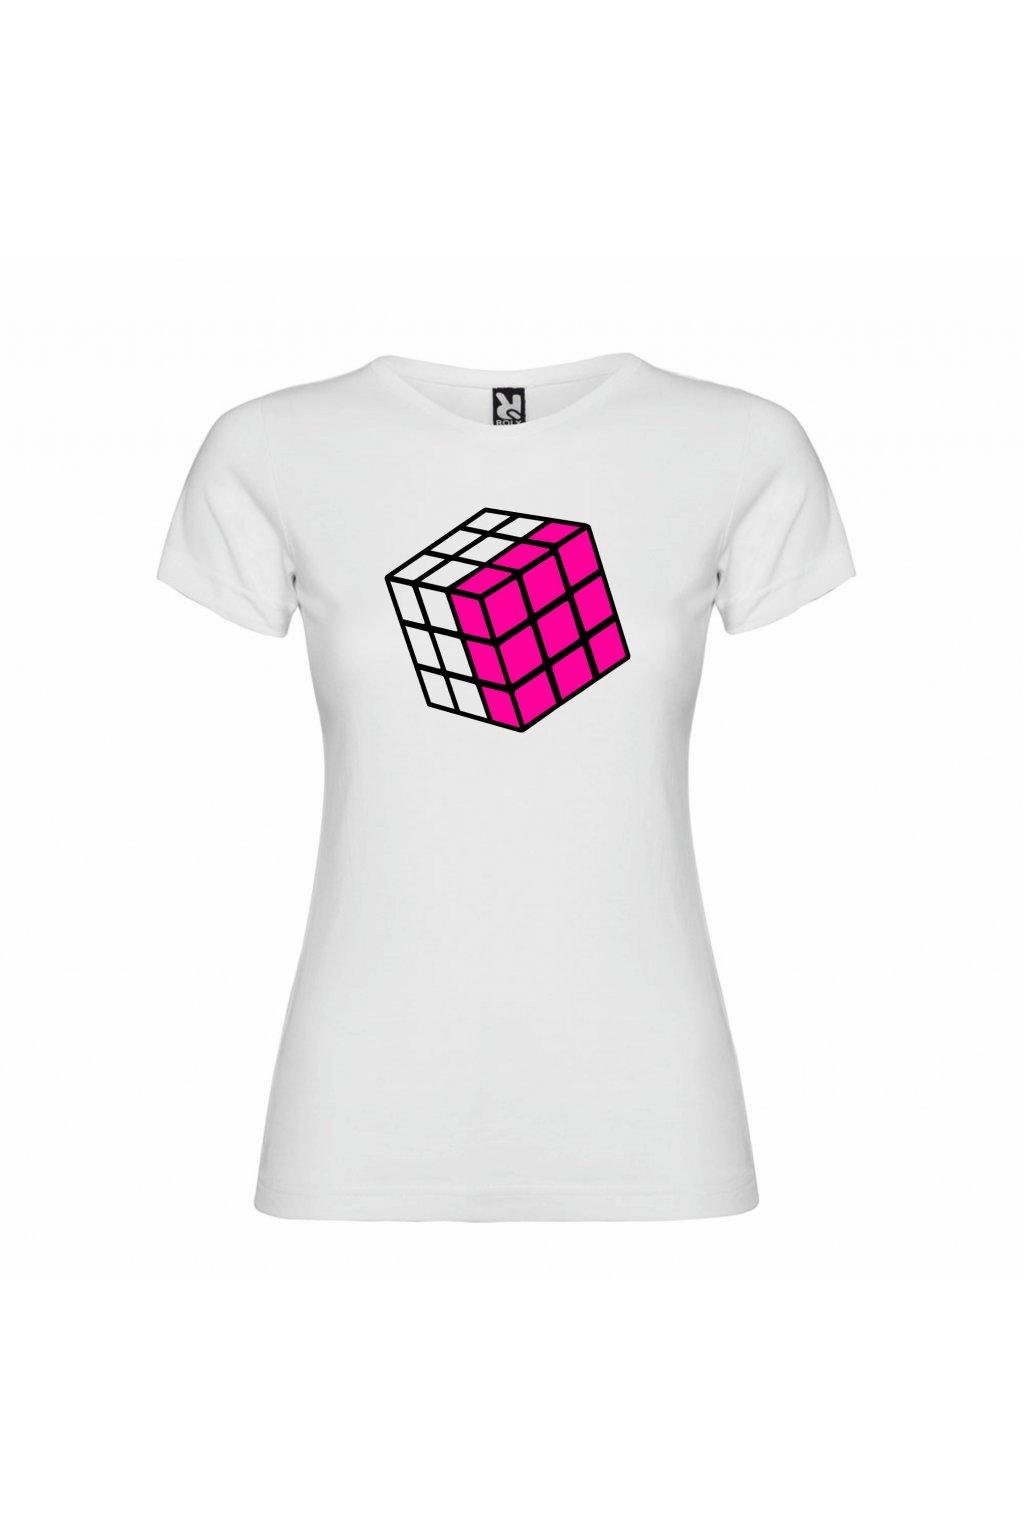 Rubikova